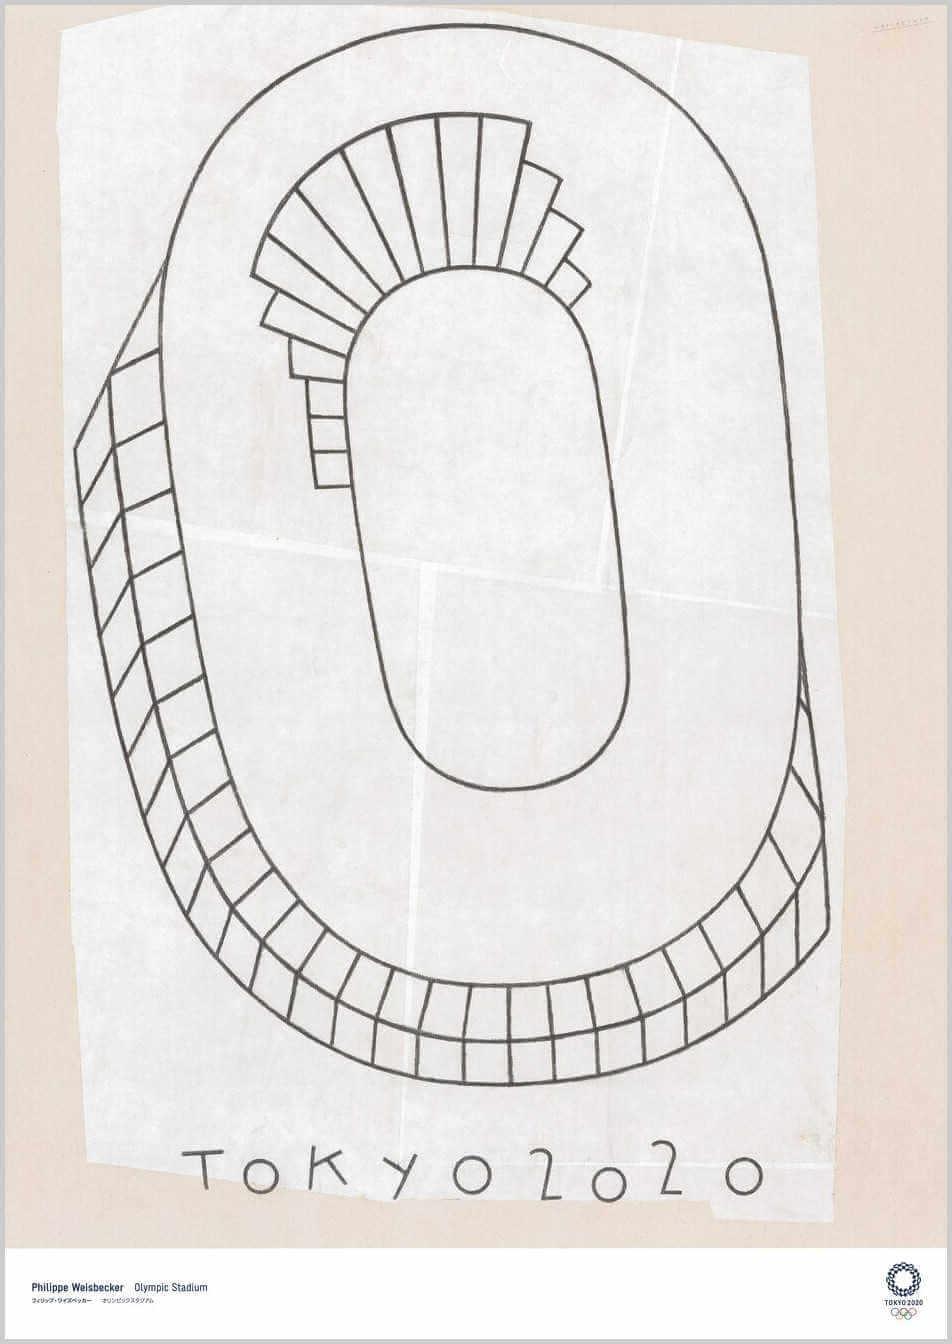 Cartel de estadio en tokyo 2020 creado por el artista Philippe Weisbecker